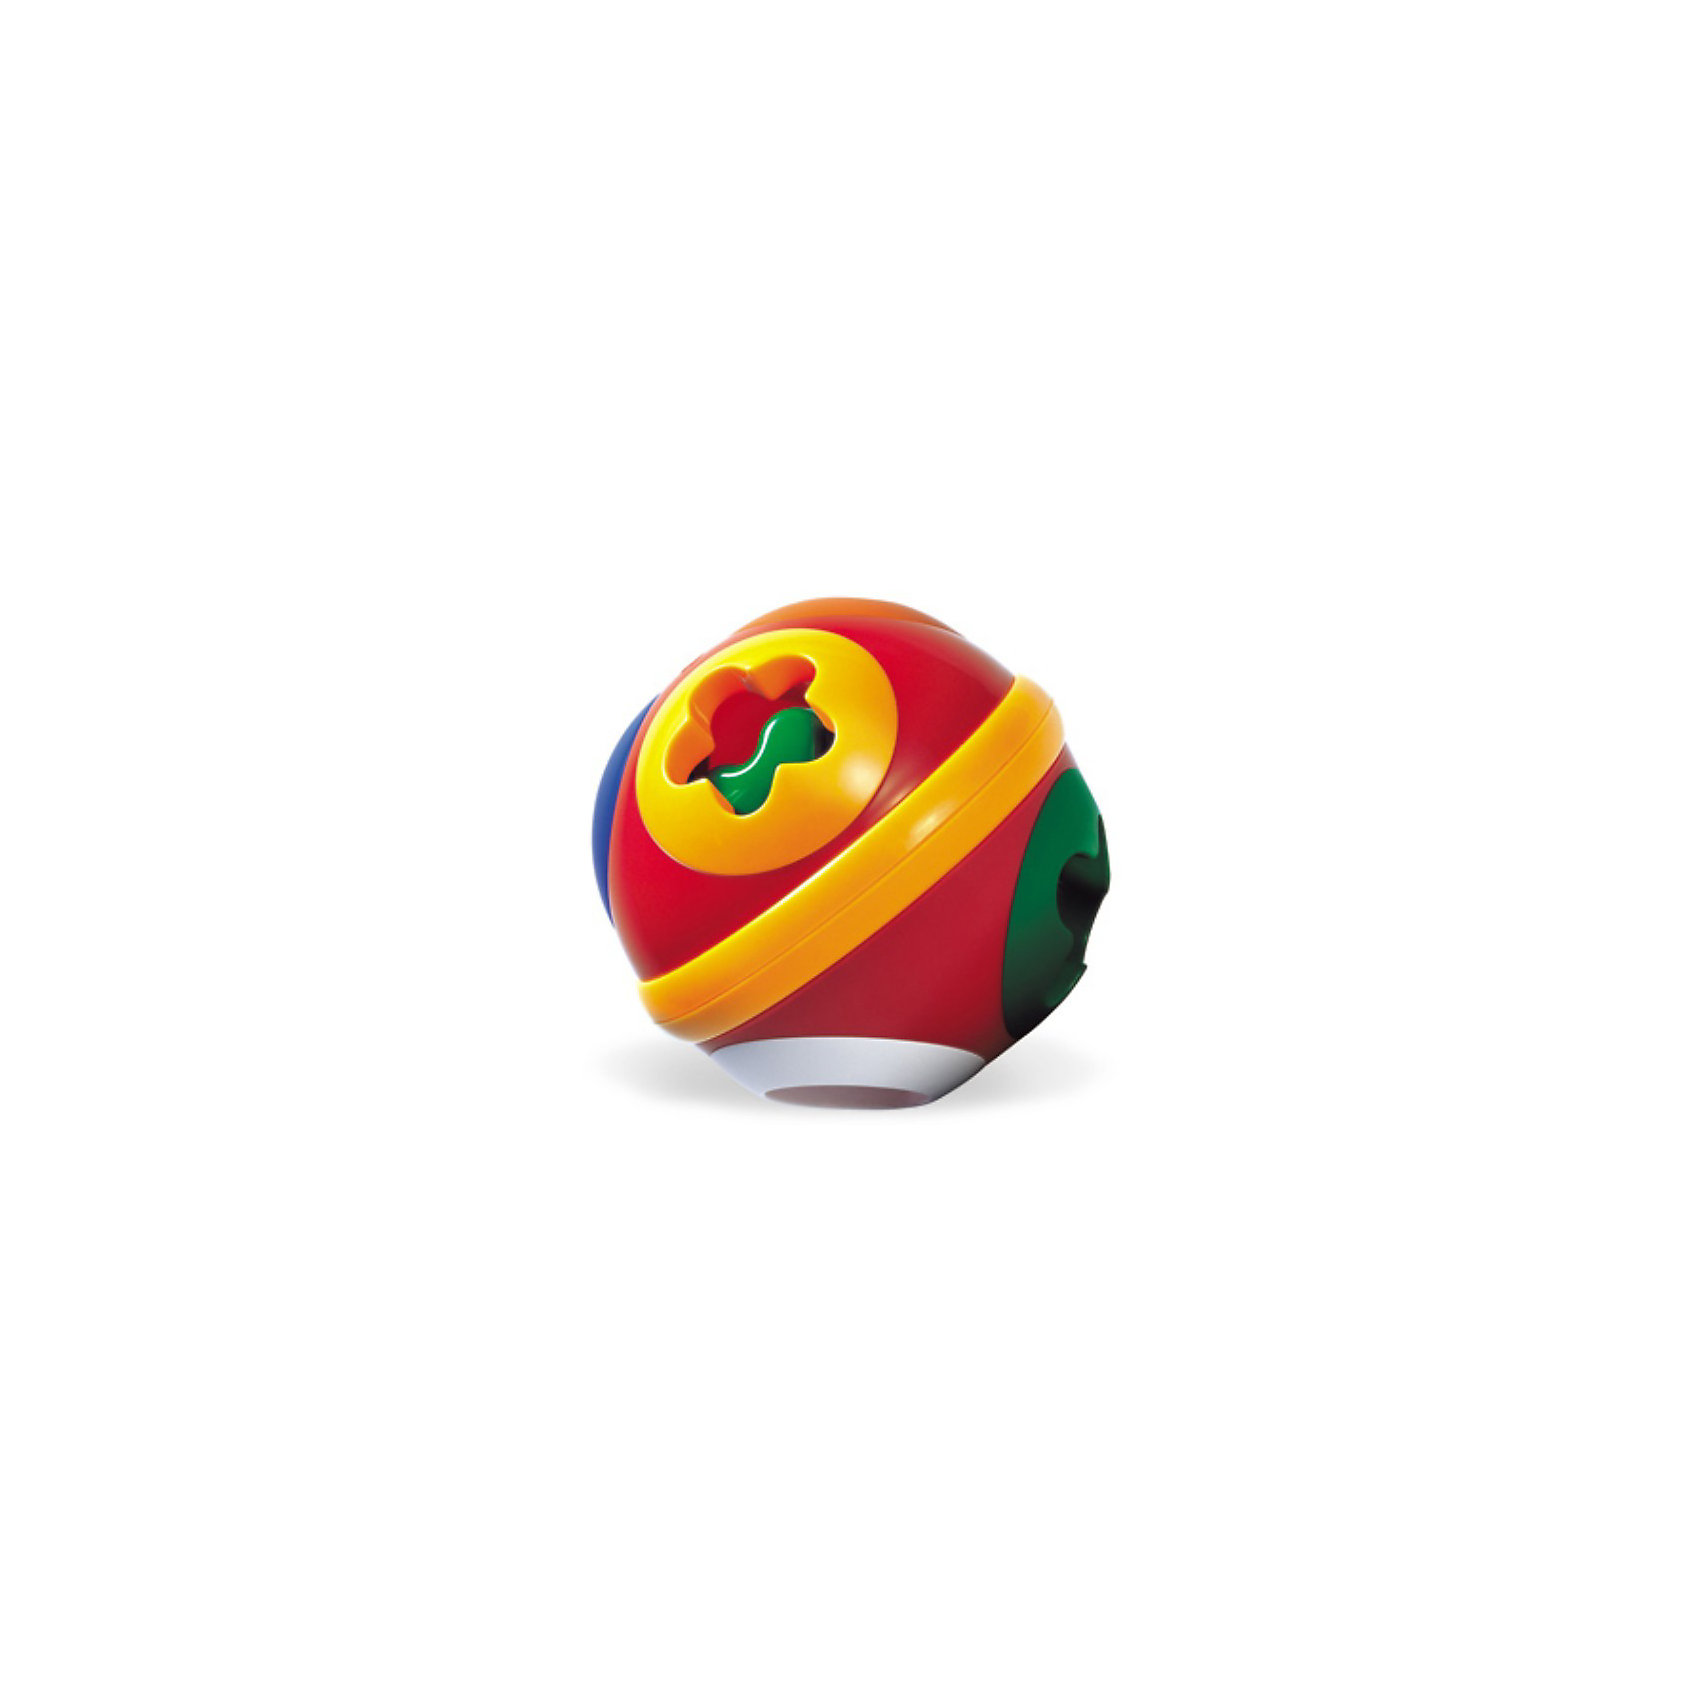 TOLO TOLO Развивающая игра Формочки (вращающийся шар) фигурки игрушки tolo фигурка пещерная девочка